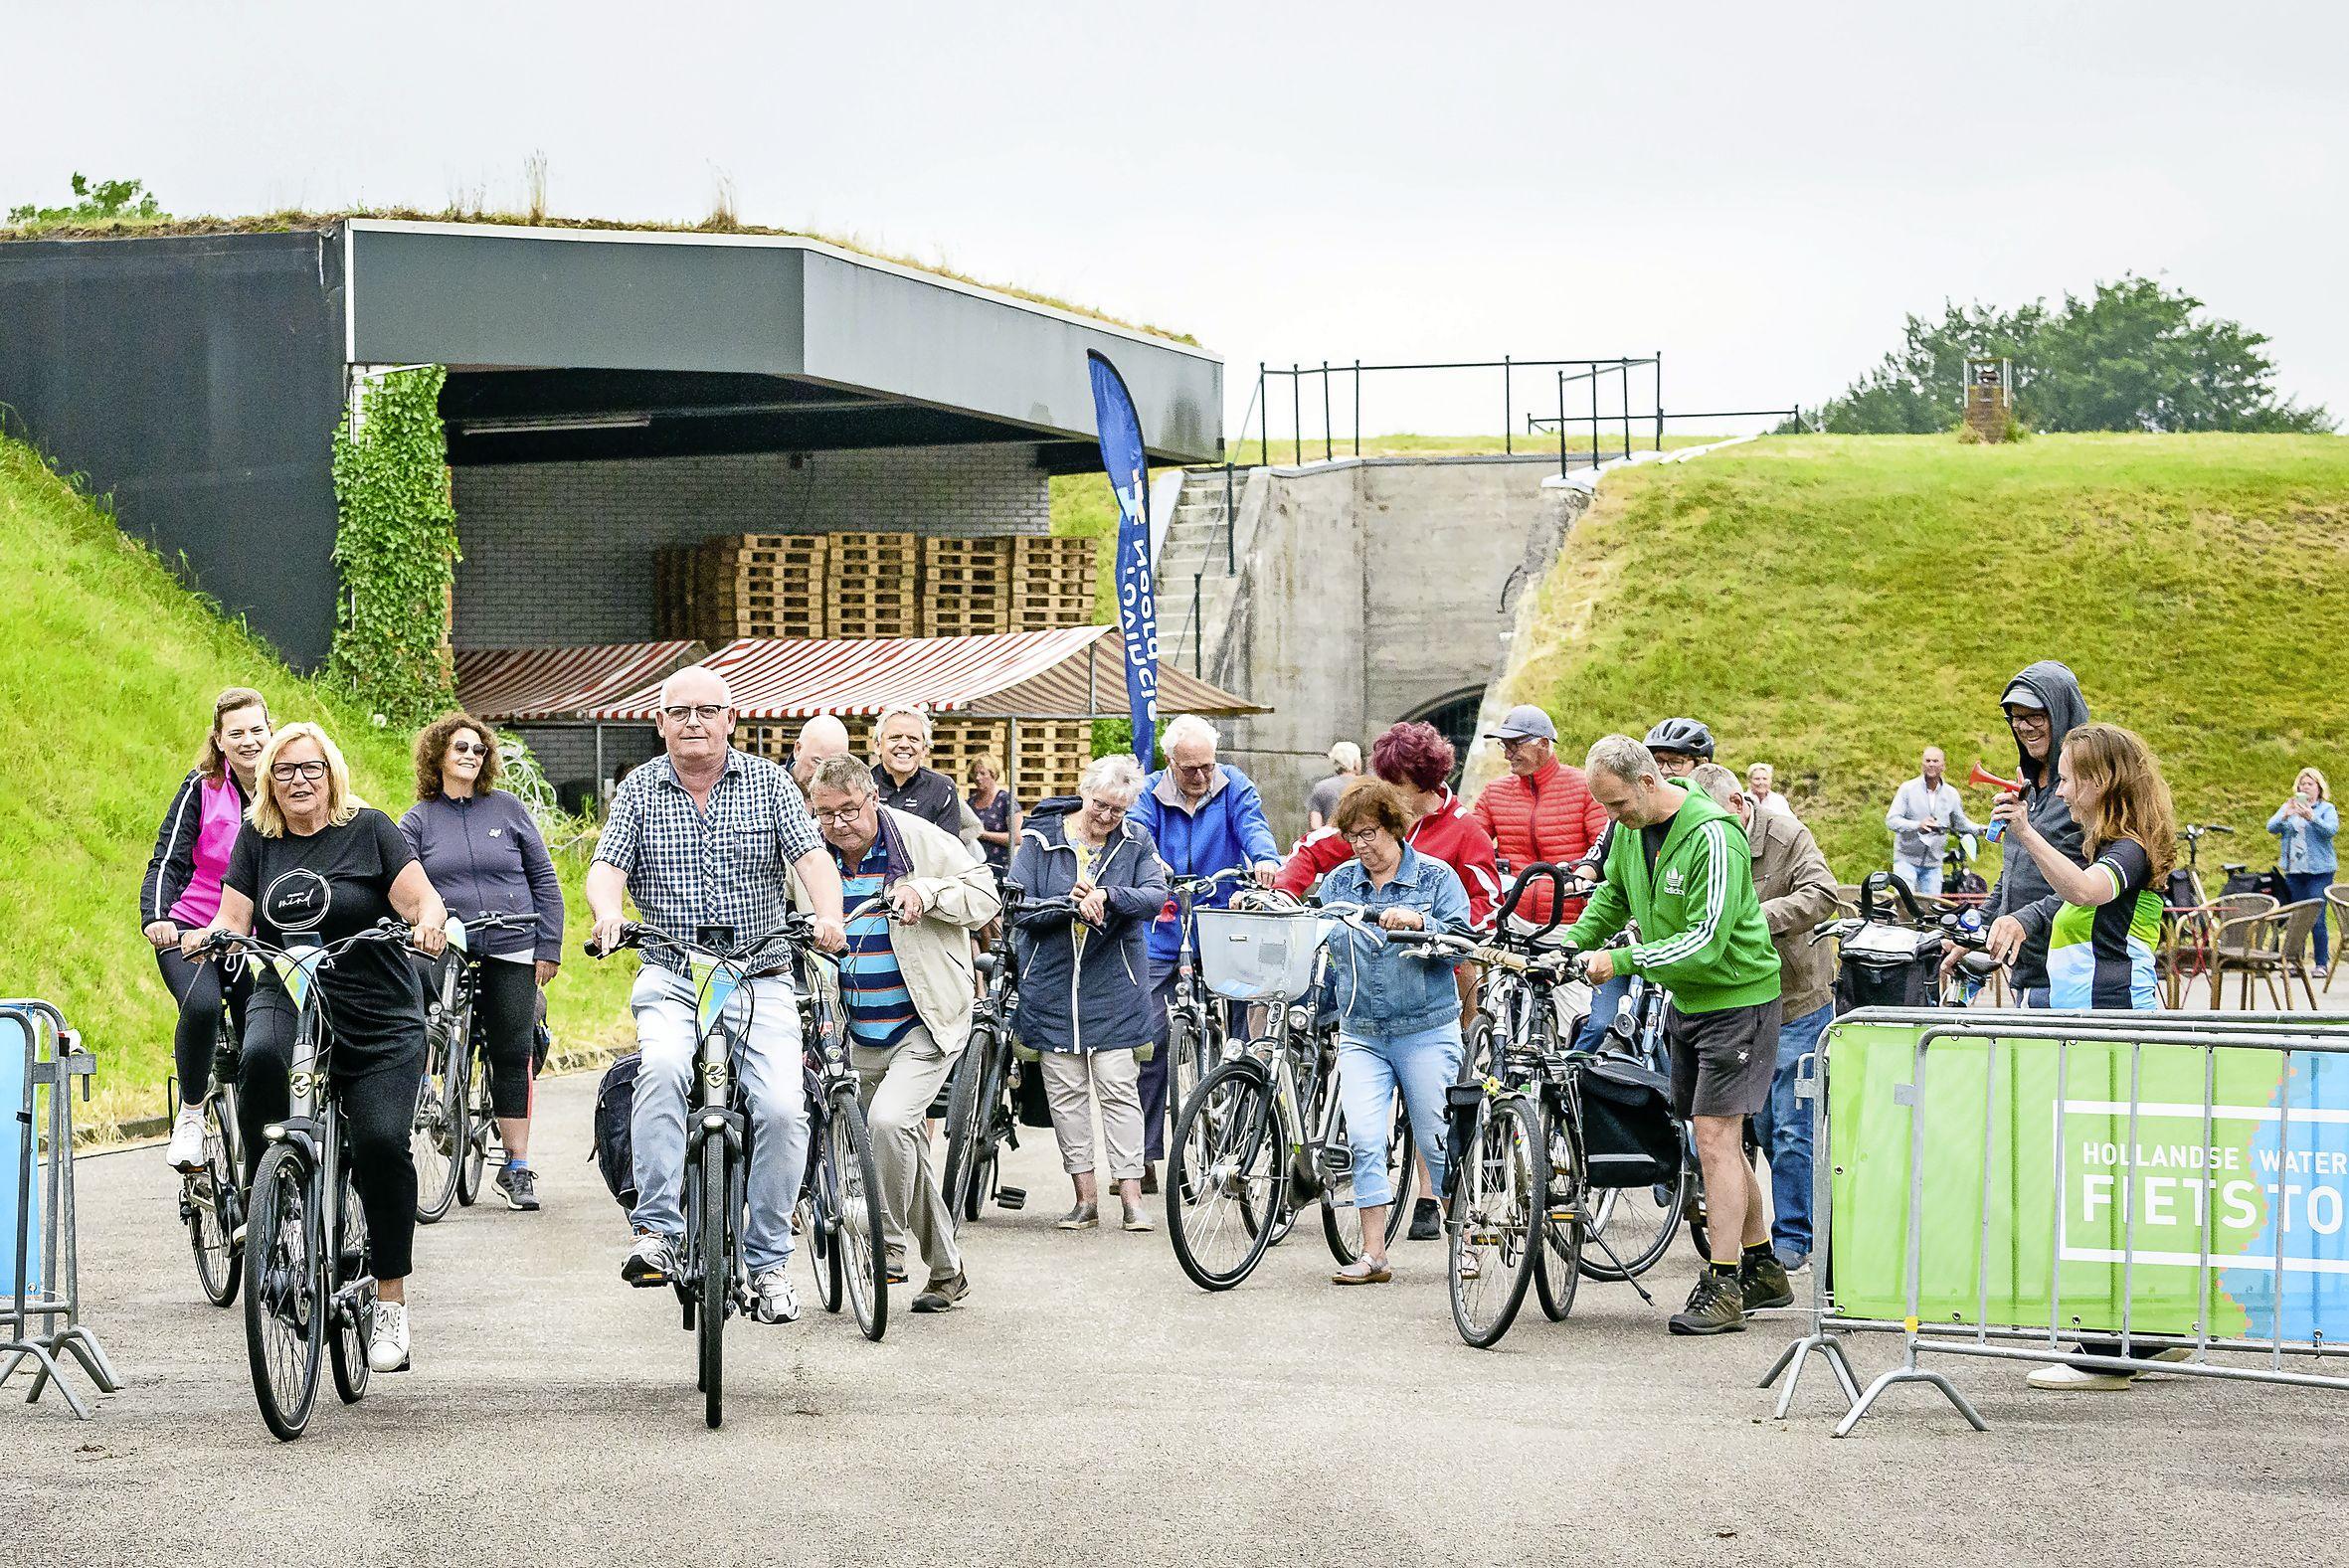 Hollandse Waterlinies Fietstour rondom Purmerend drukbezocht: 'Nou en of ik het verhaal achter de waterlinies weet'